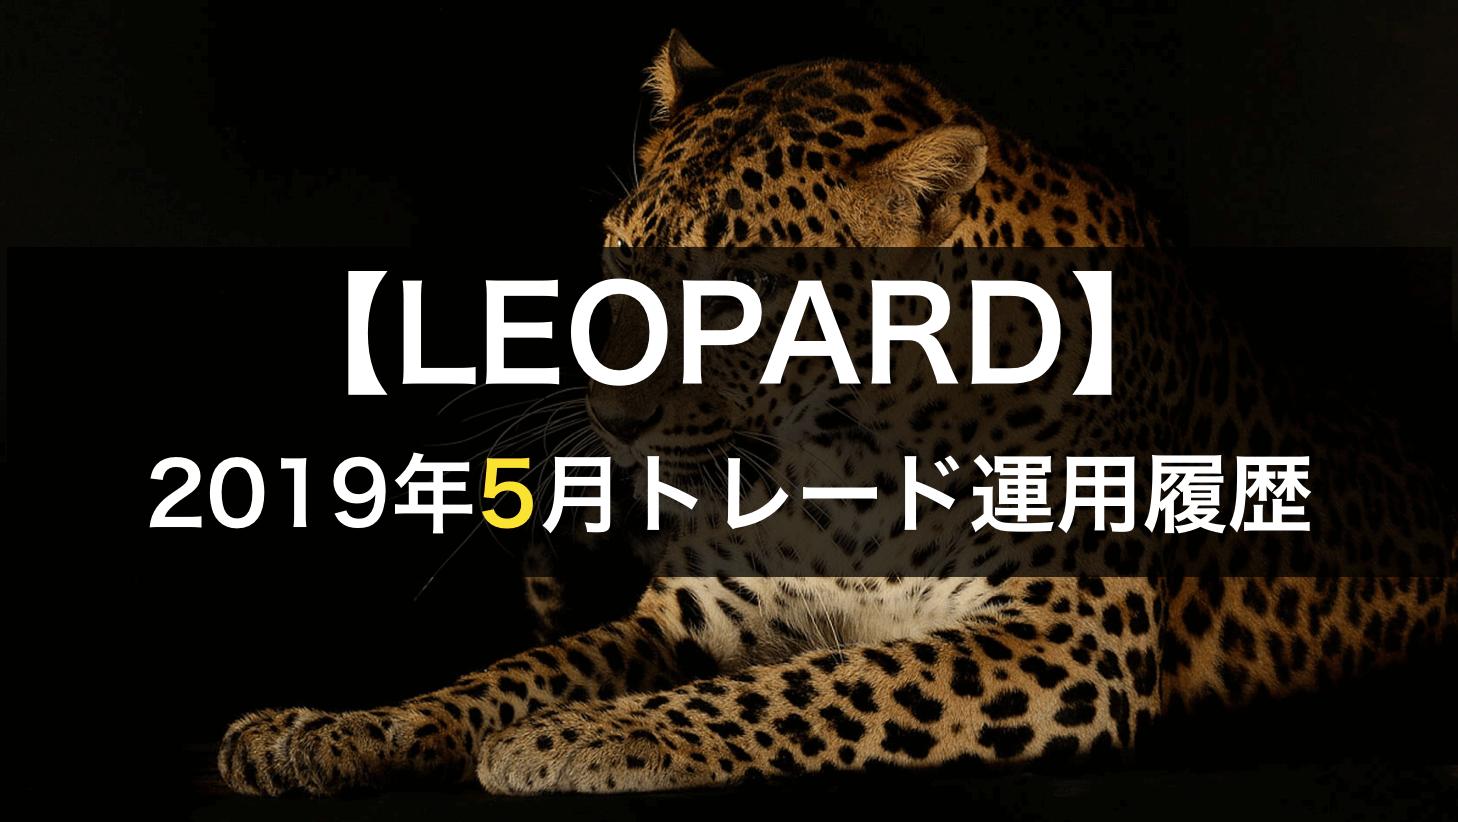 2019年5月のLEOPARD自動売買結果